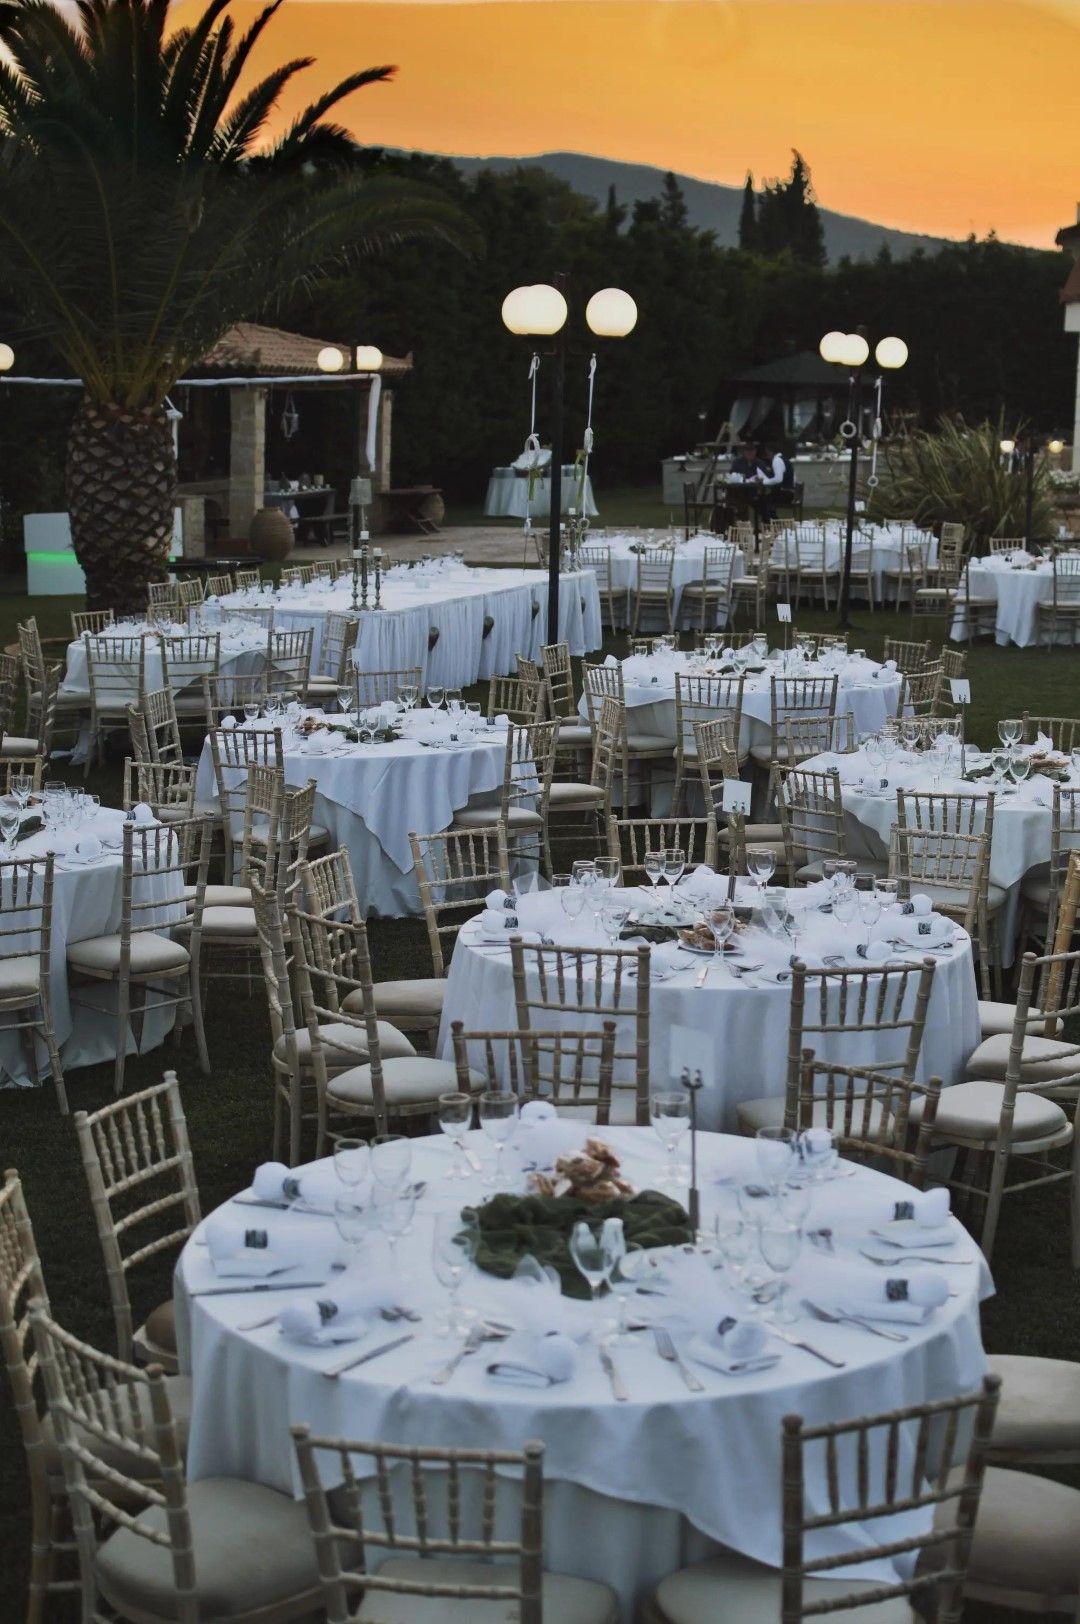 Κτήμα Γάμου στην Παλλήνη   Μ+Μ Κτήματα Δεξιώσεων